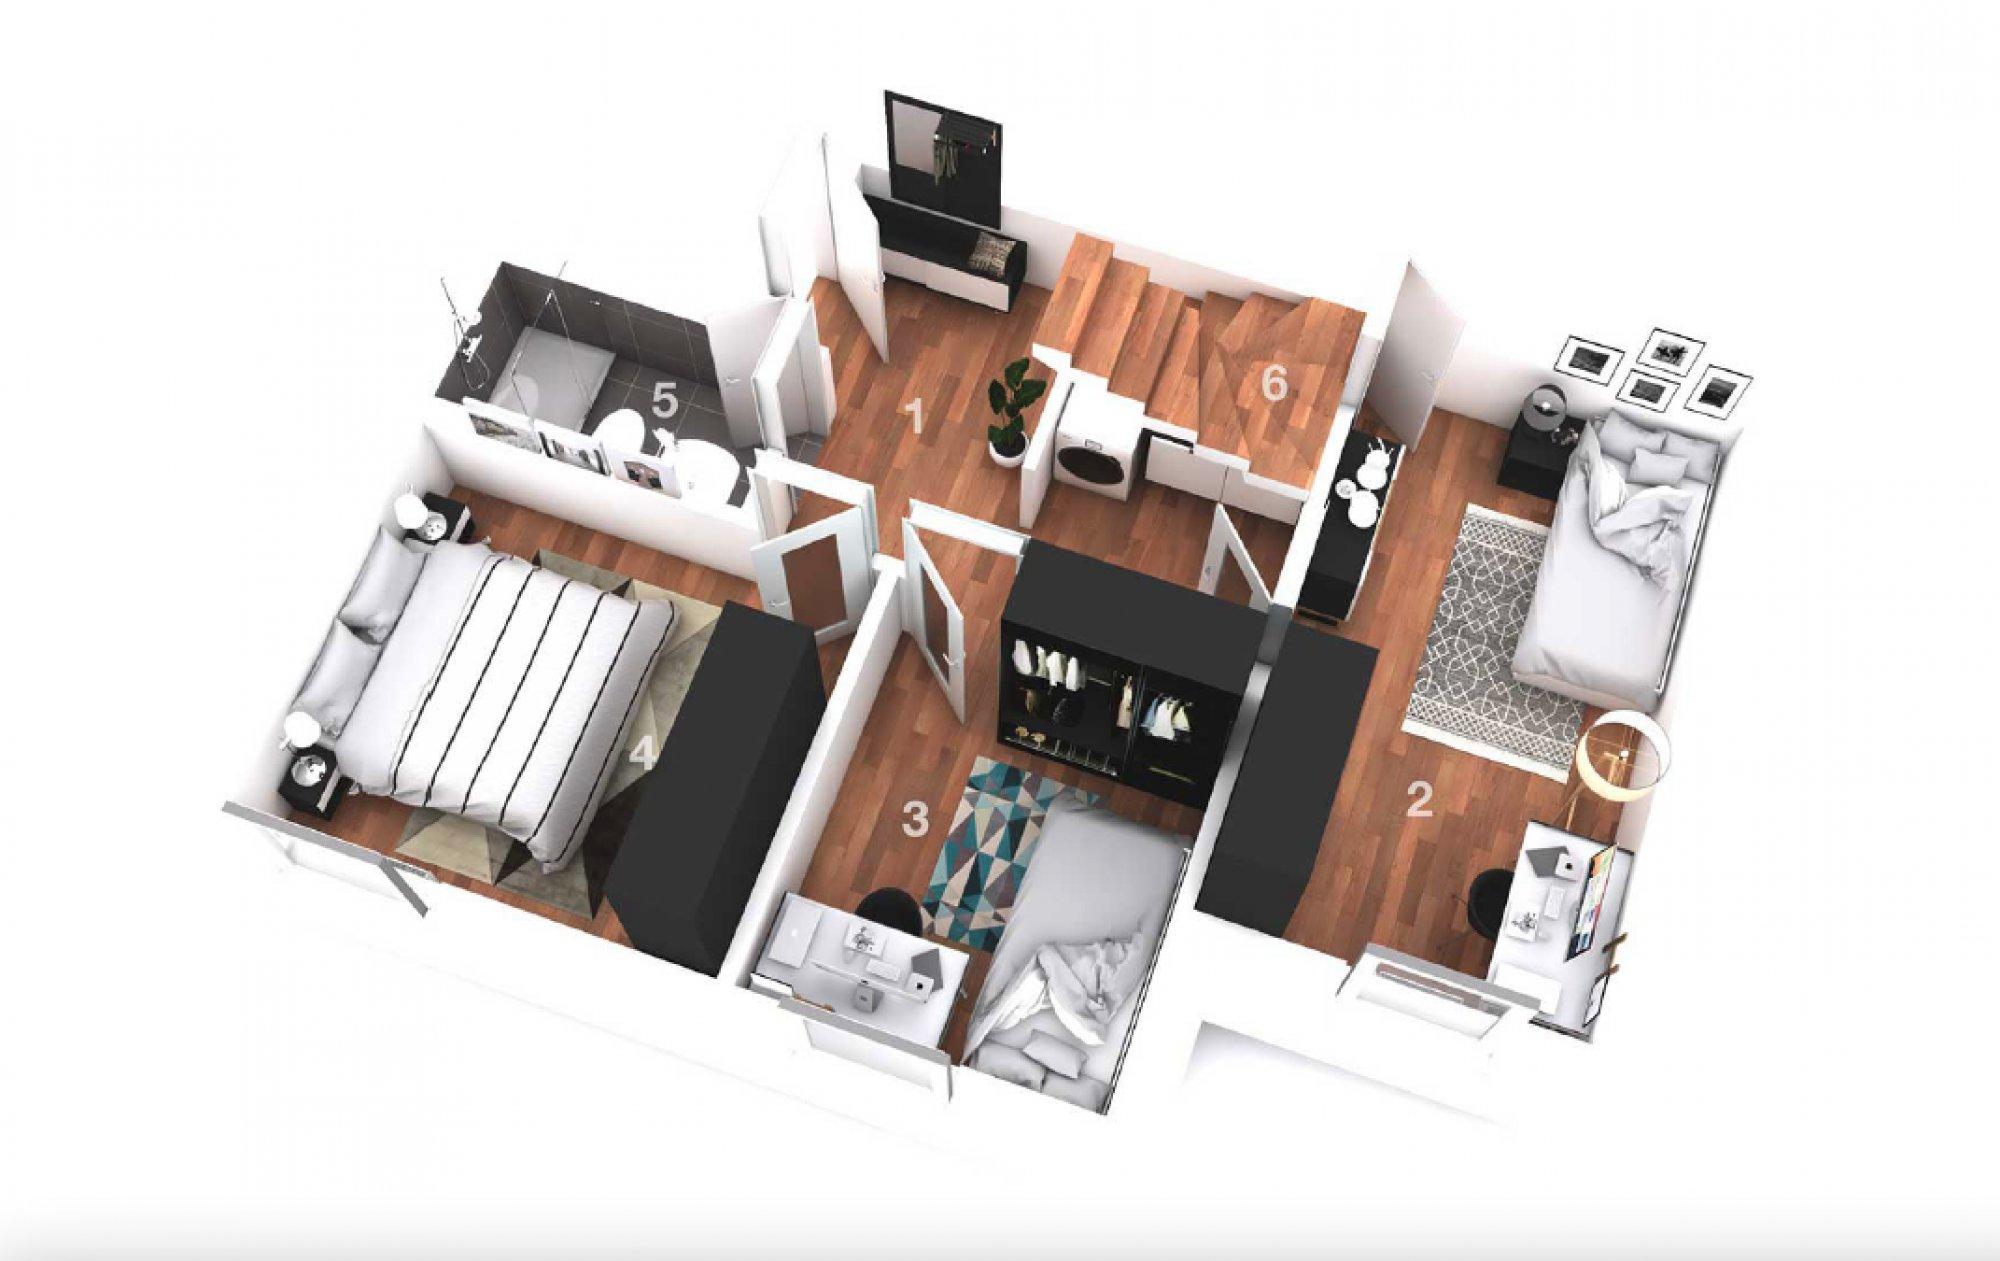 Půdorys - Půdní byt 4+kk, plocha 108 m², ulice Turnovská, Praha 8 - Libeň